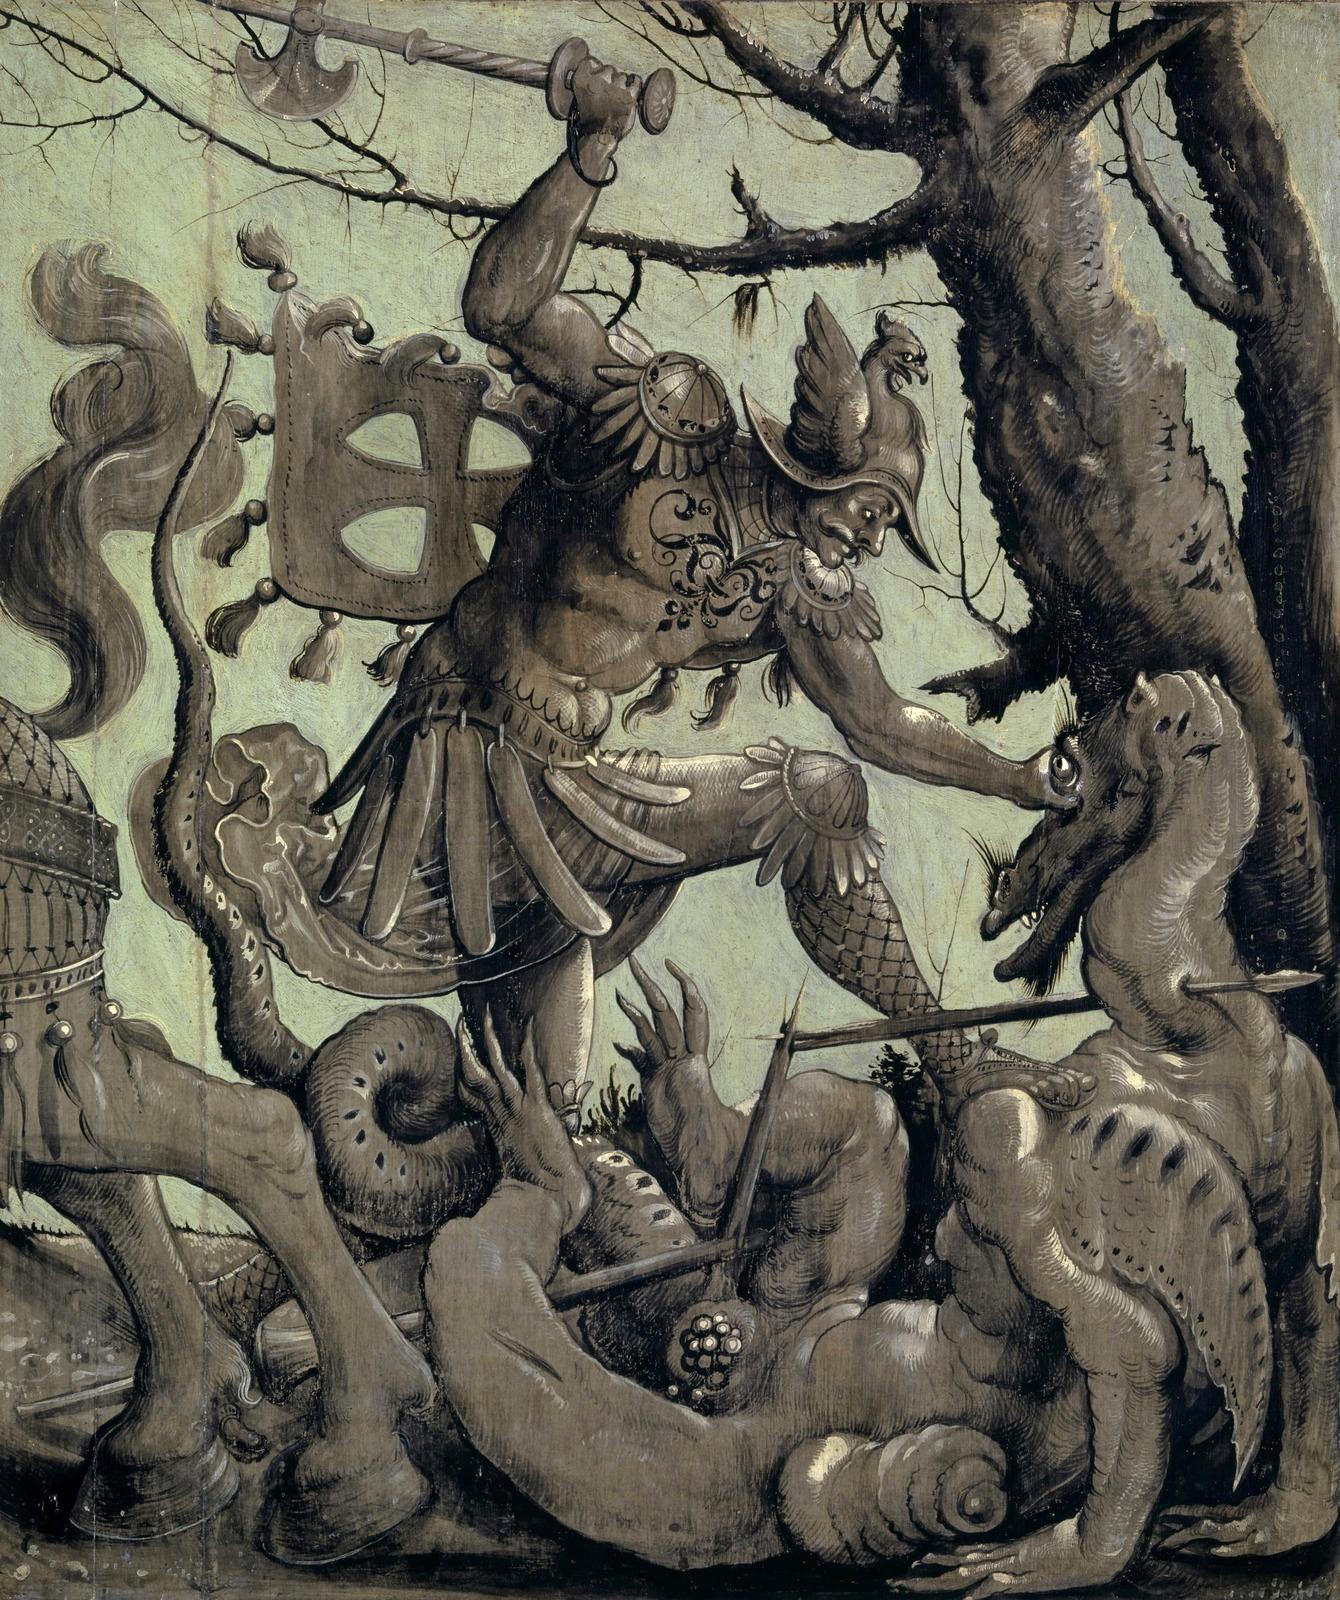 2_Святой Георгий и дракон (Saint George Fighting the Dragon)_ок.1520_60.9 х 51.5_дерево, темпера_Базель, Кунстмузеум.jpg